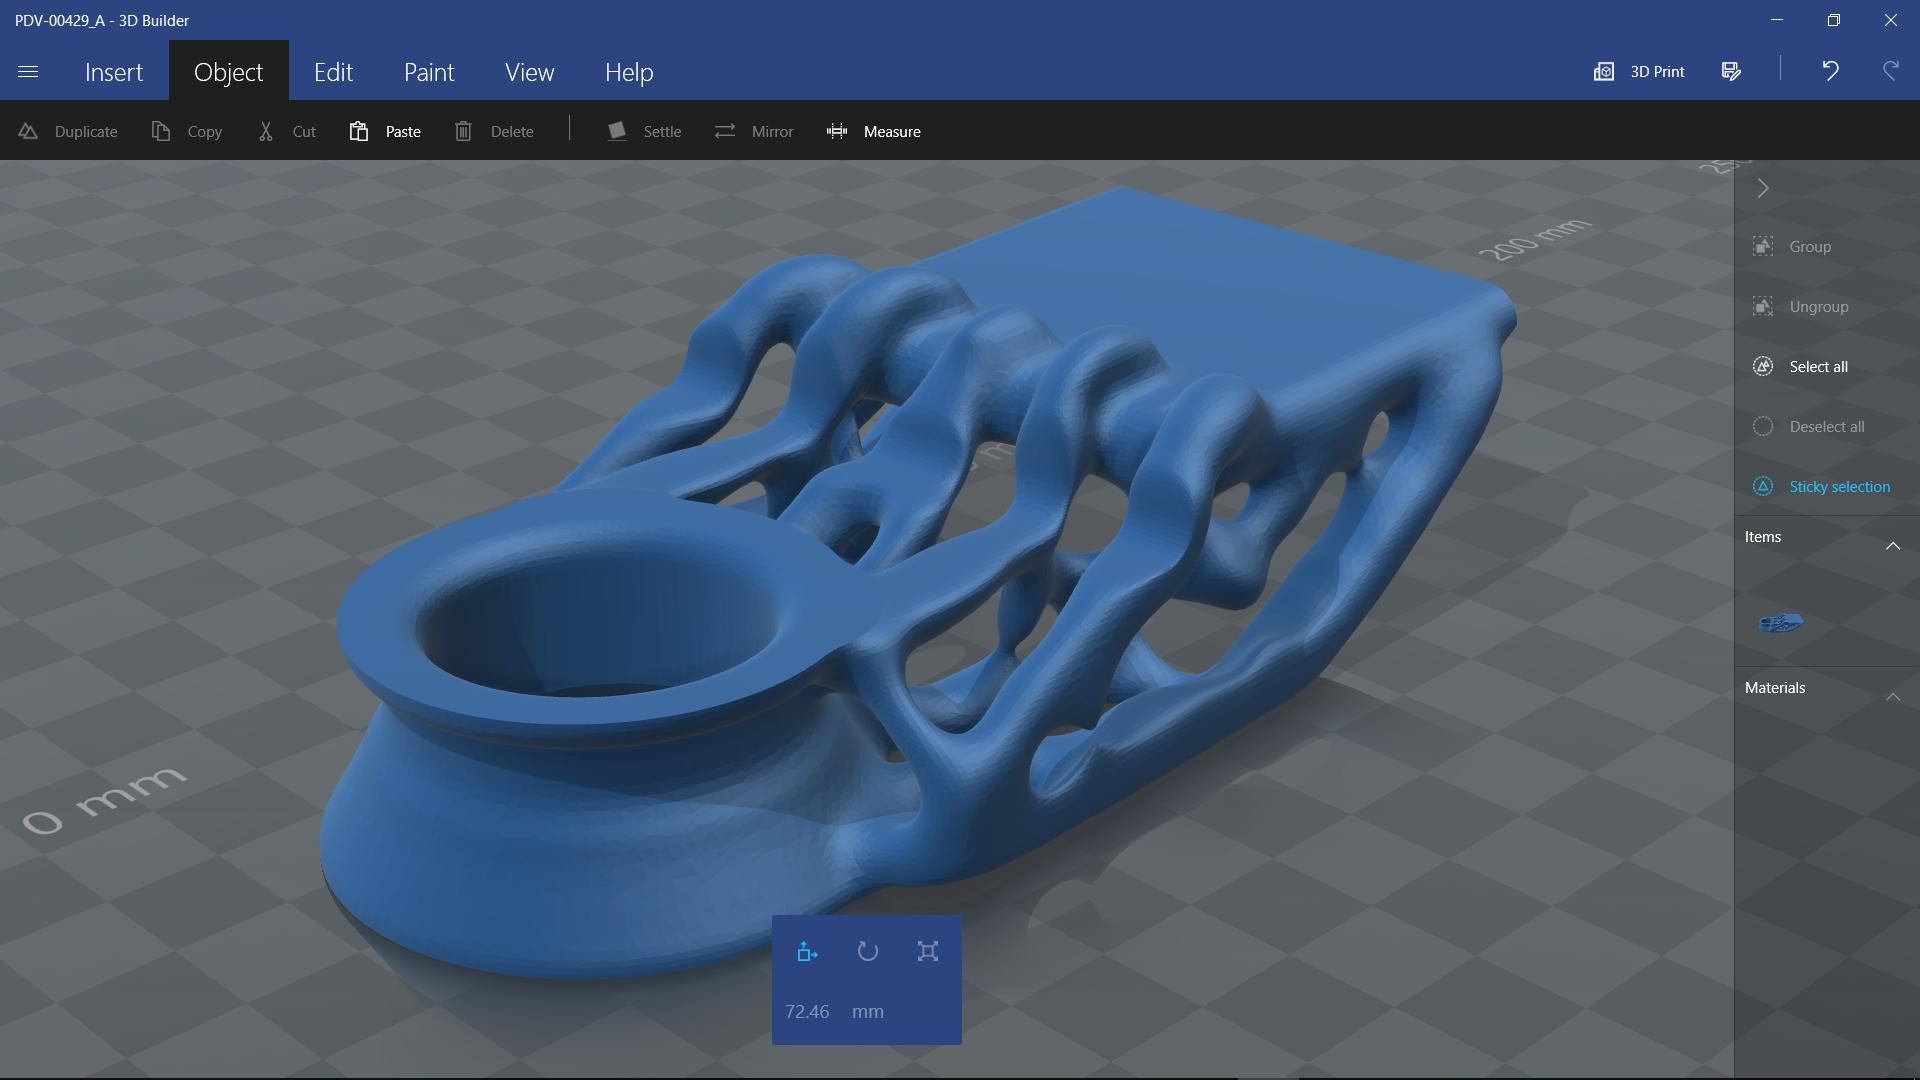 3D Print | 3D Build